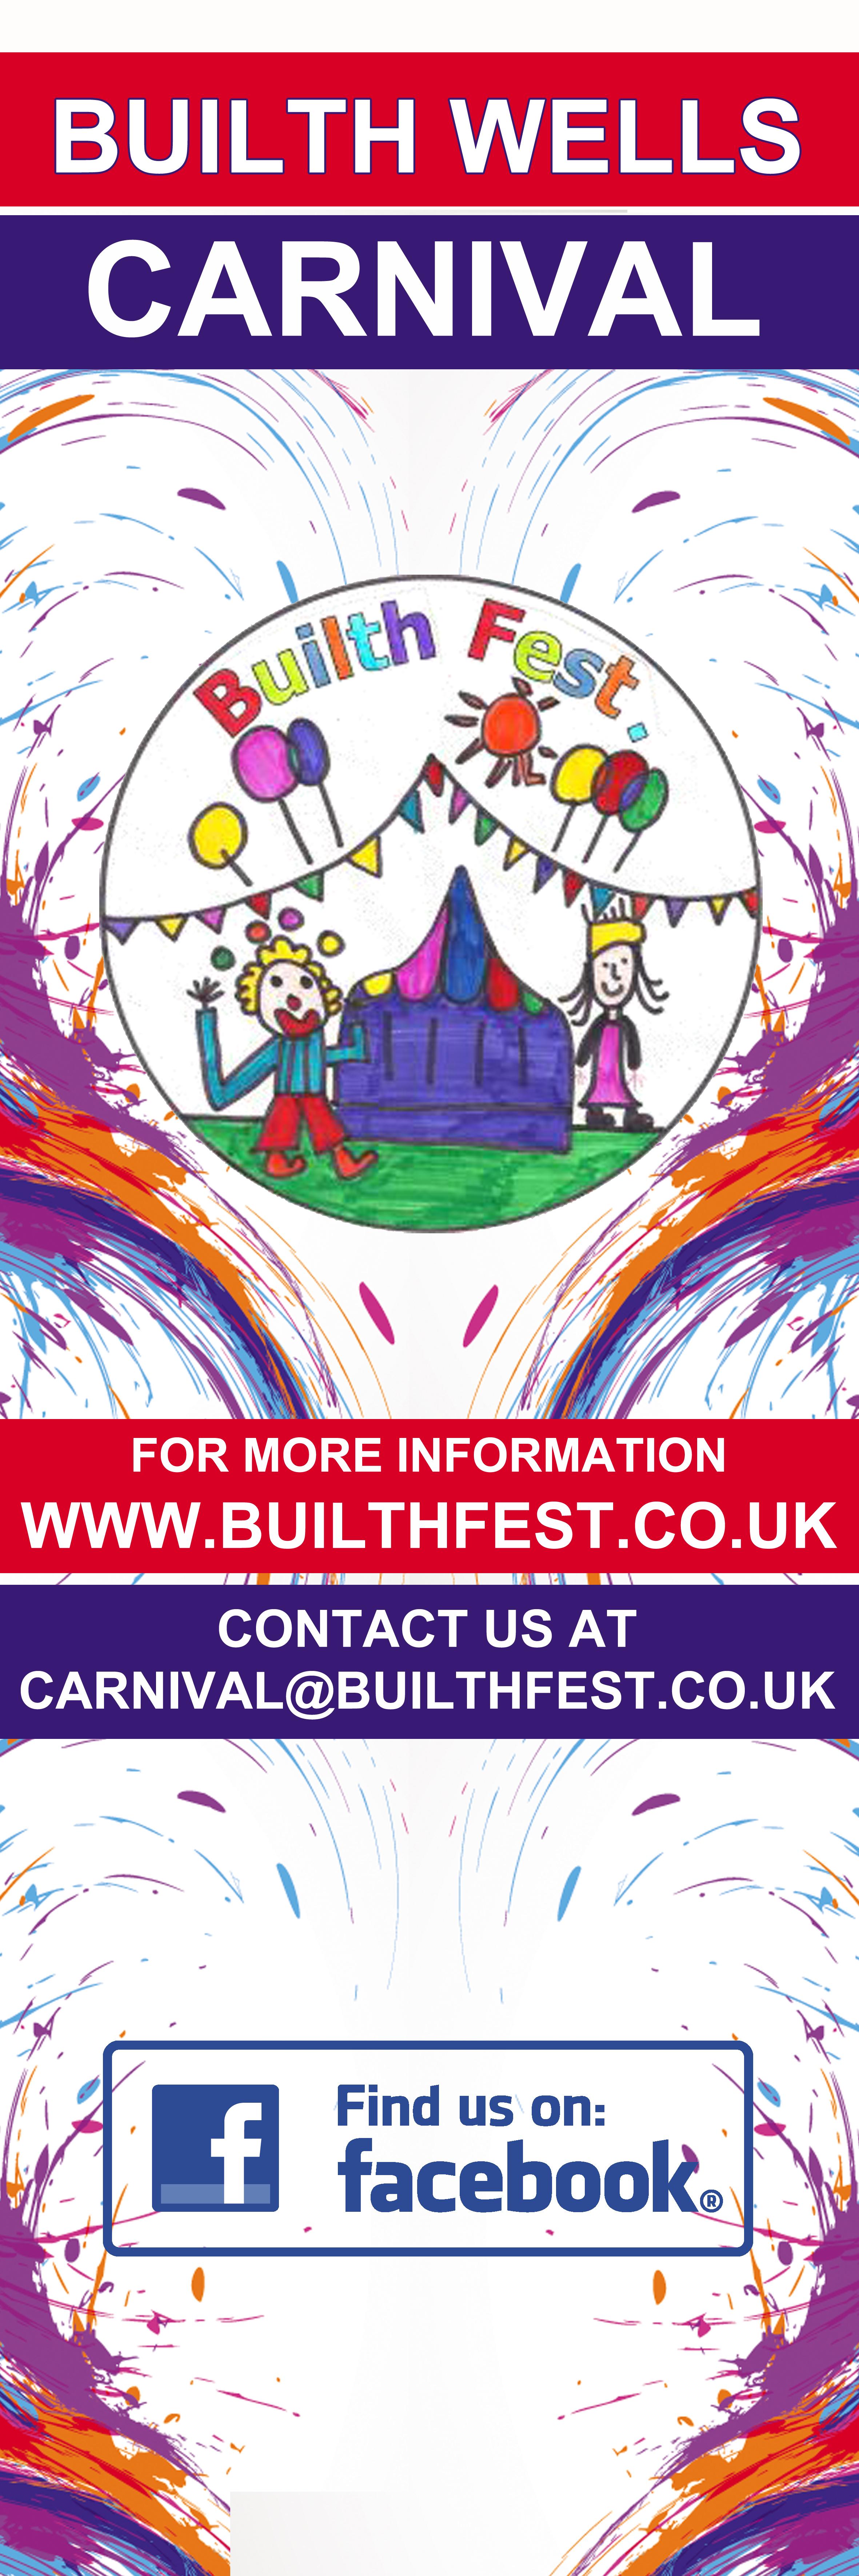 Carnival-Banner-website